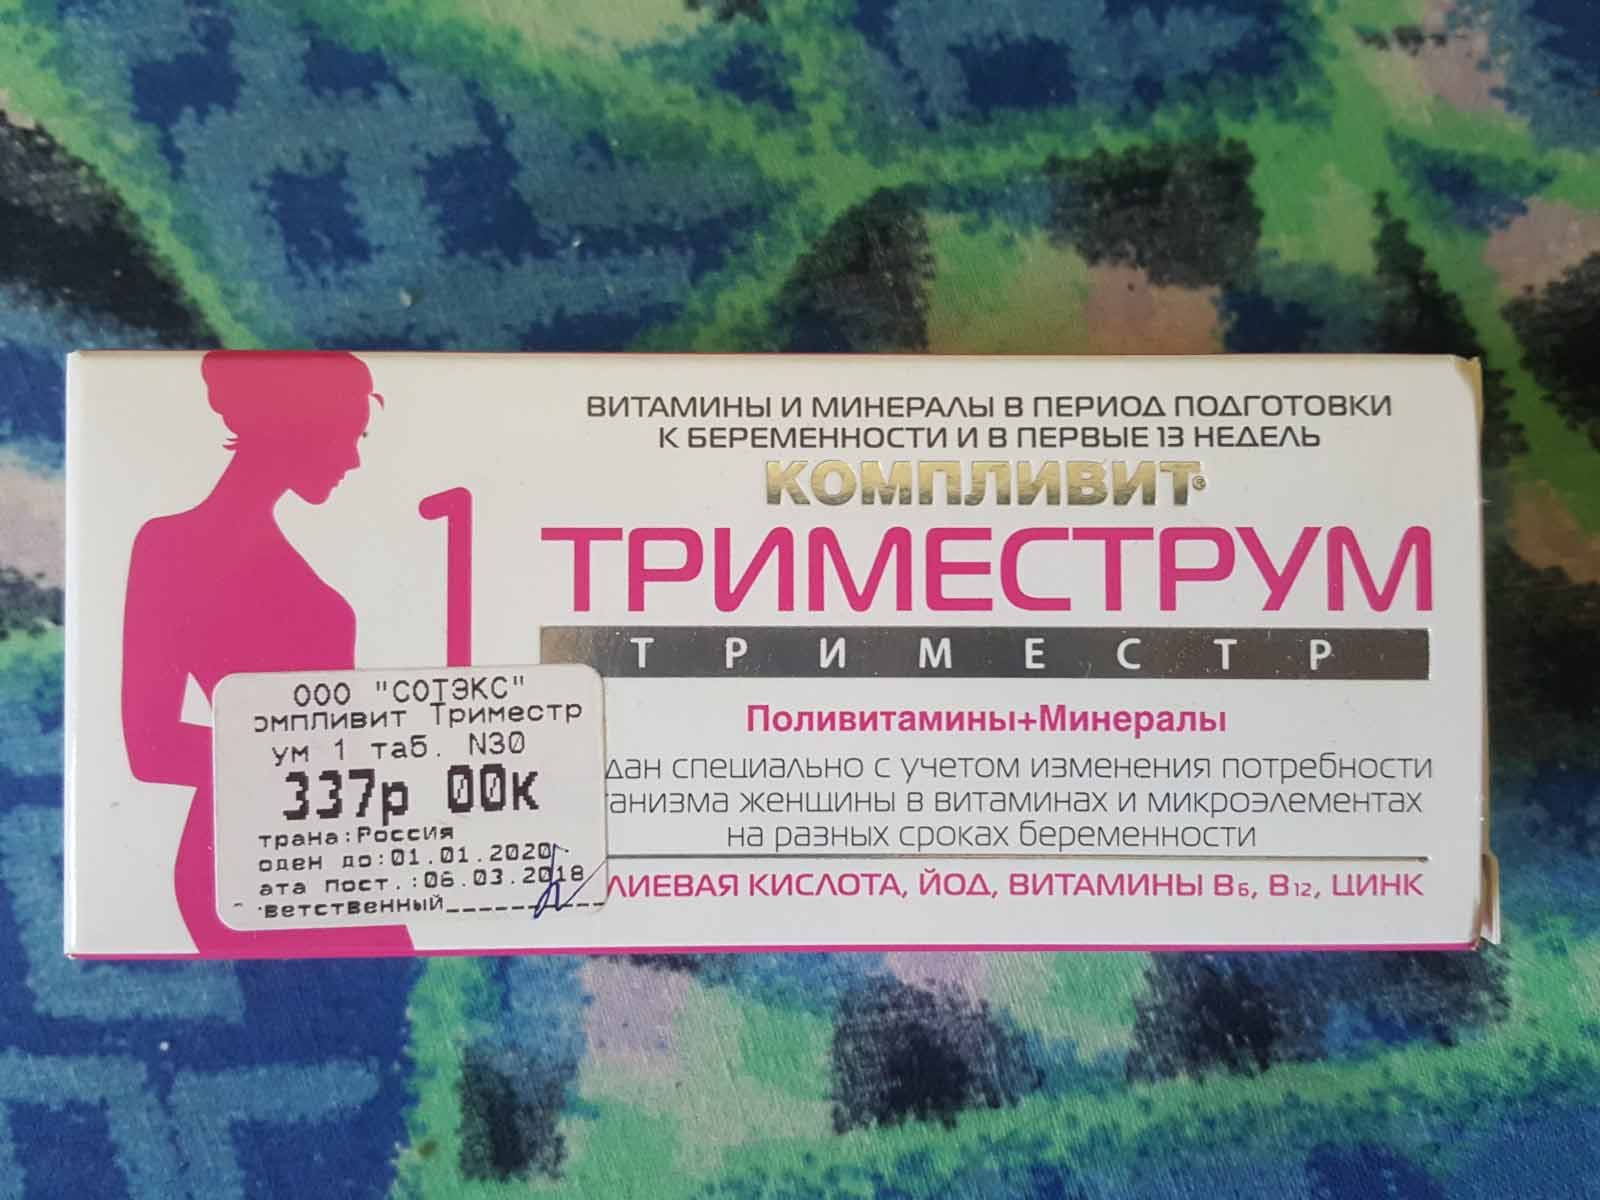 Мазь от аллергии: использование Фенистила и других препаратов в 1, 2 и 3 триместрах беременности